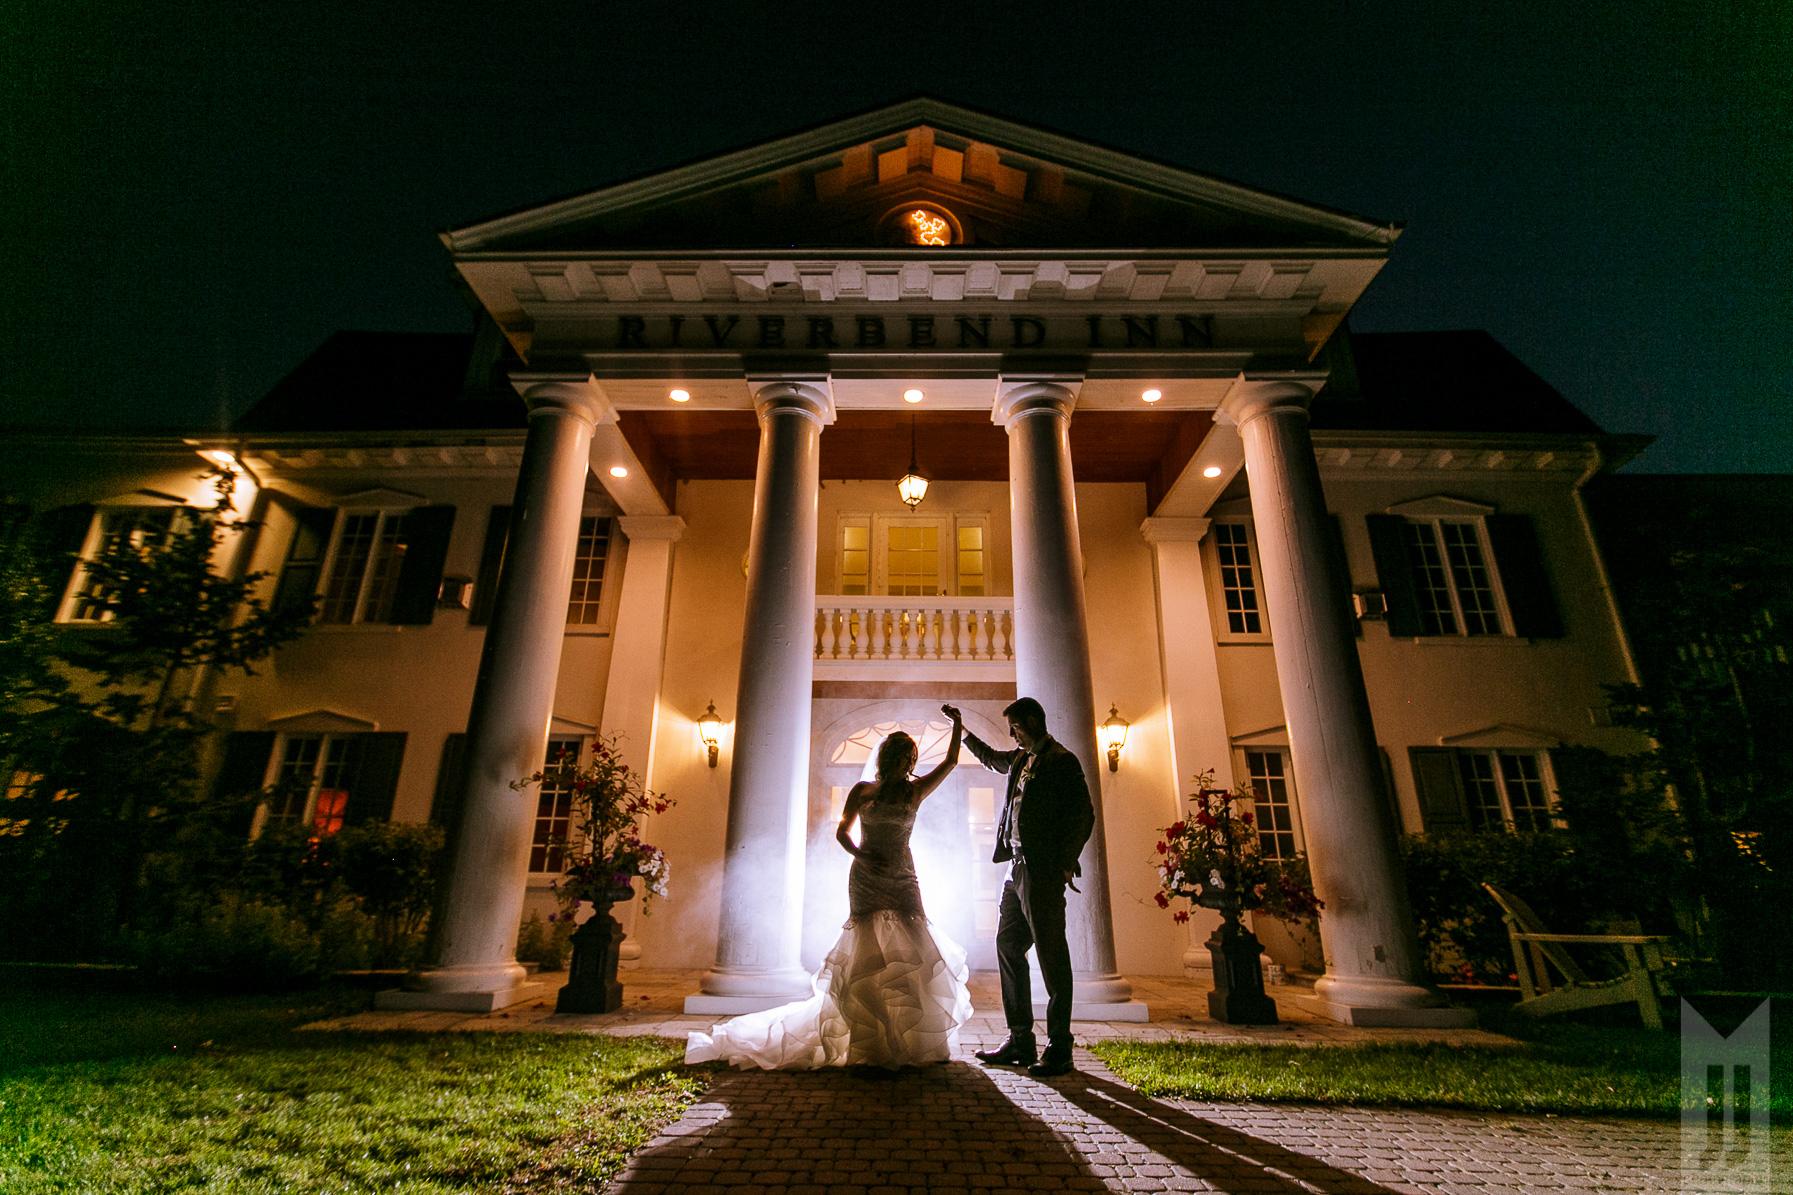 Brennan and Marianna. Married.